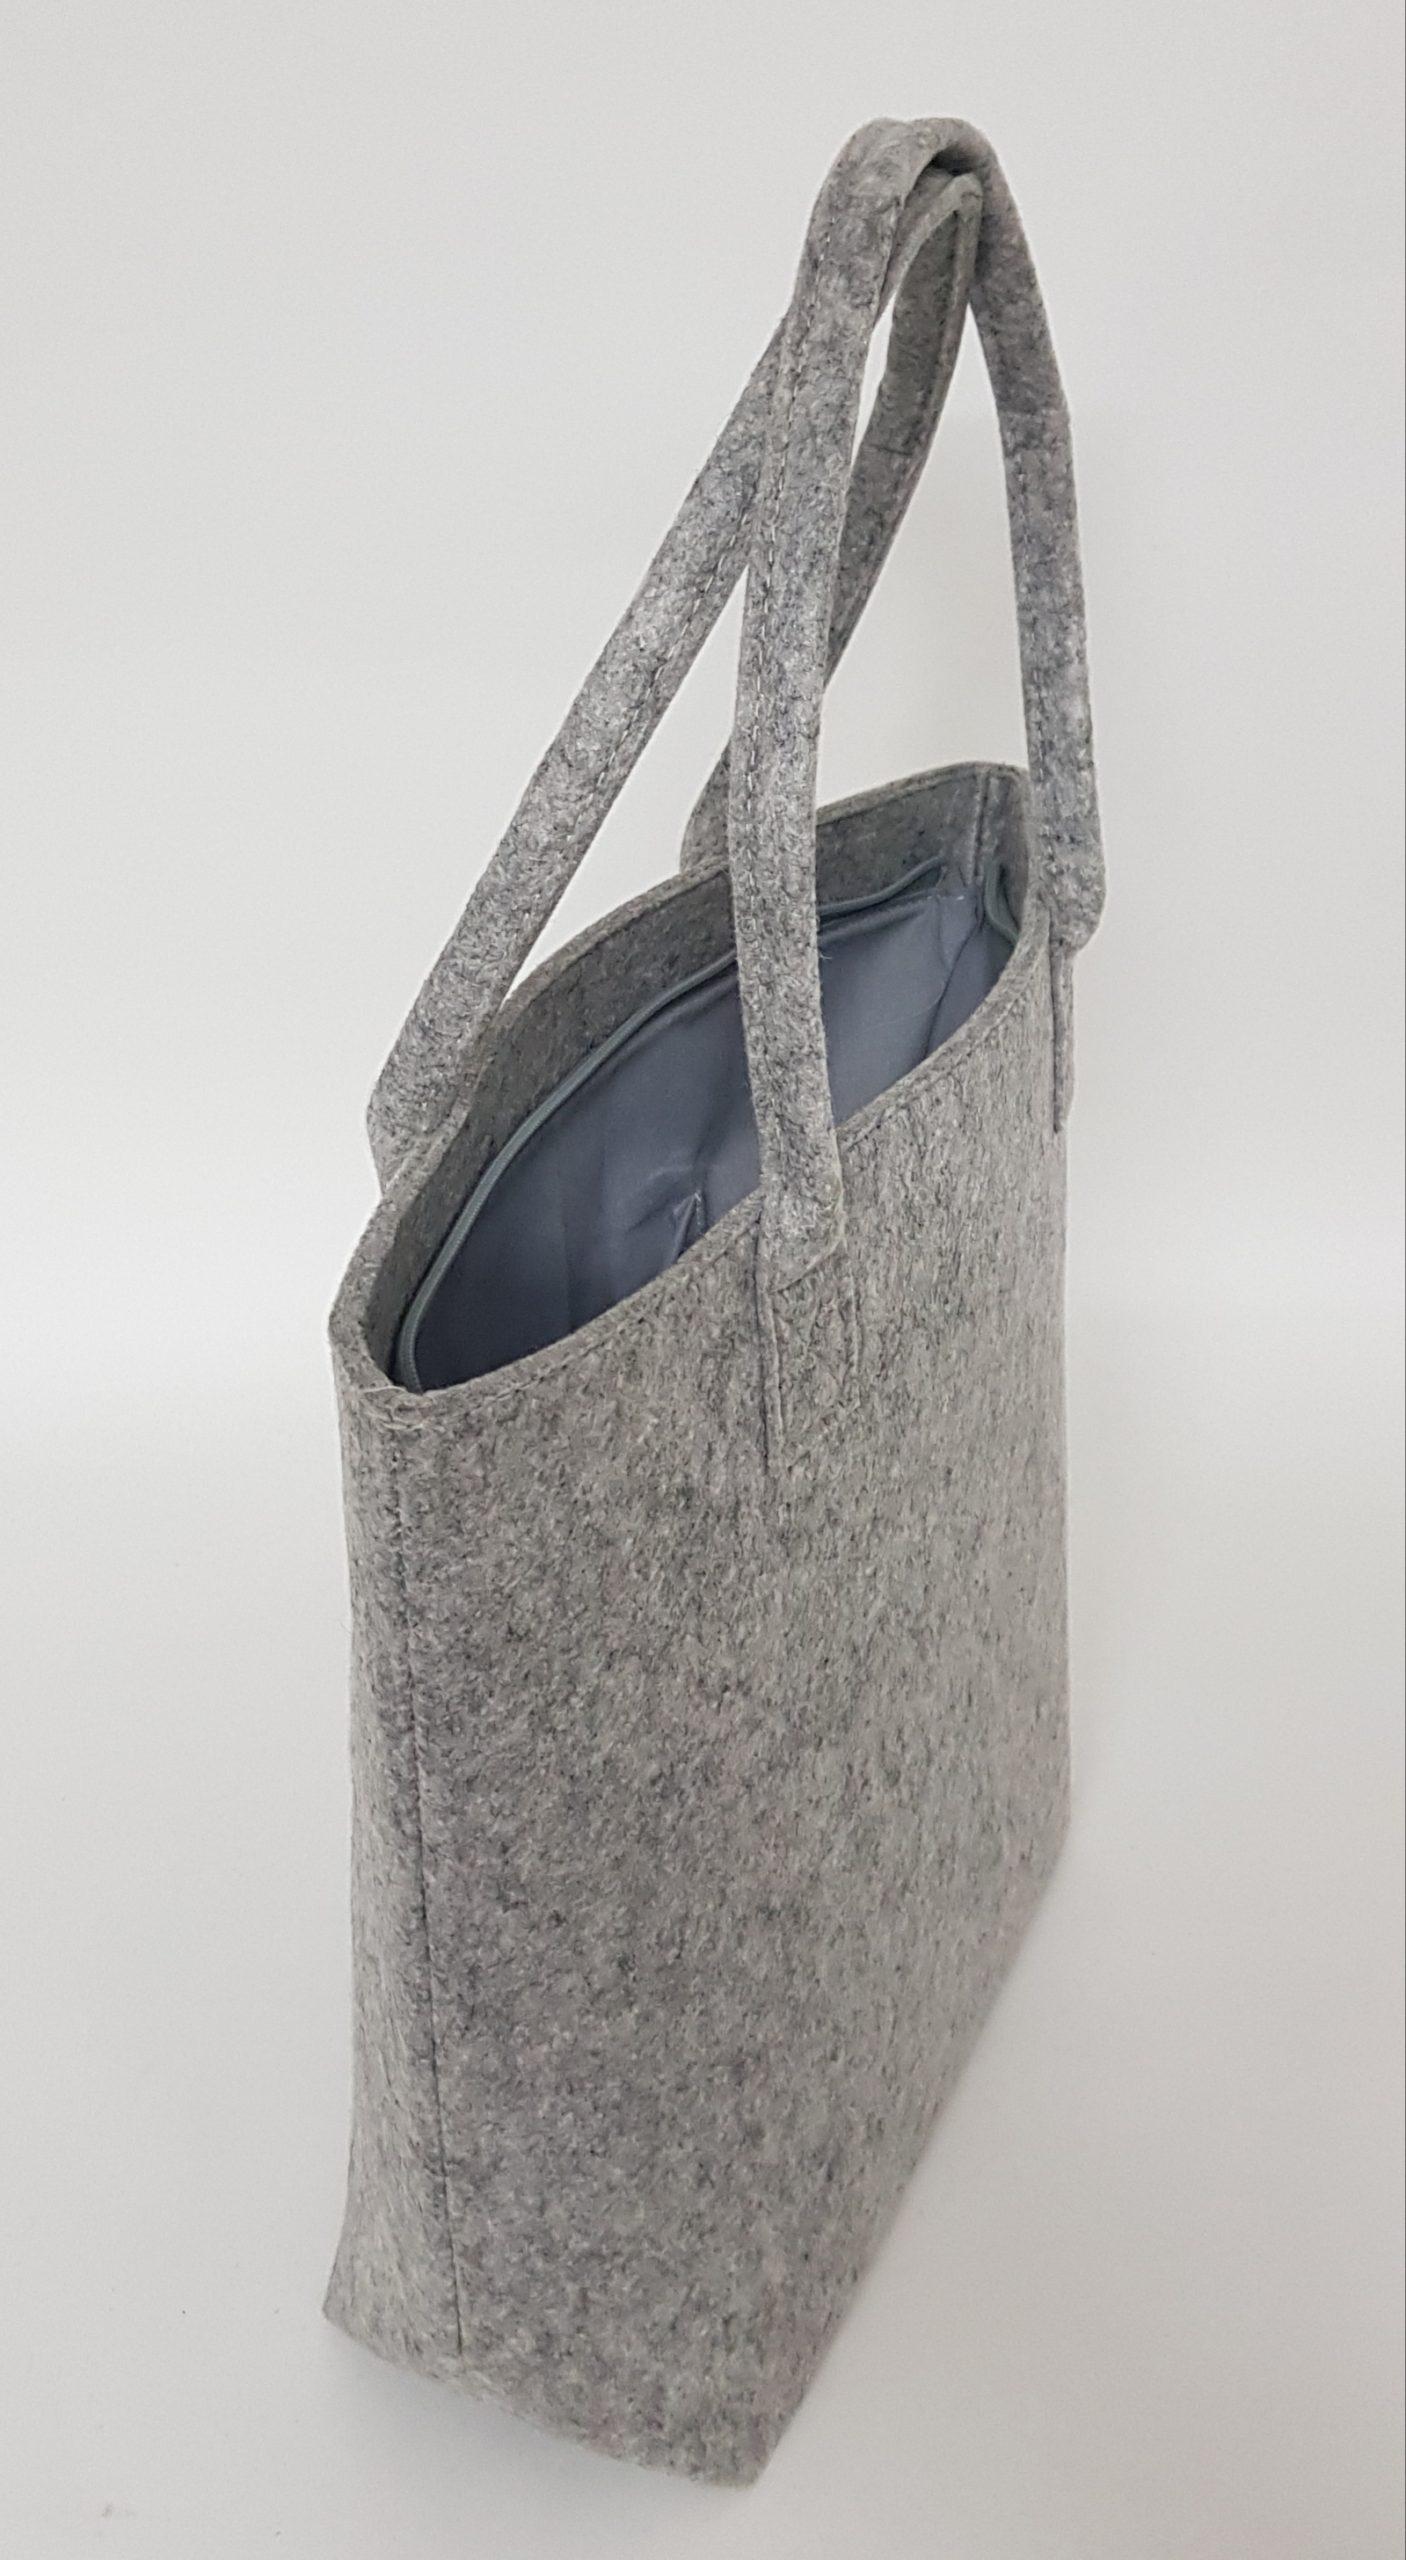 Tasche-Claudia in hellgrau aus Filz - Handgemachte individualisierbare Taschen, Körbe, Tischsets, Dekoartikel und mehr auf fideko.de der Onlineshop seit 2011